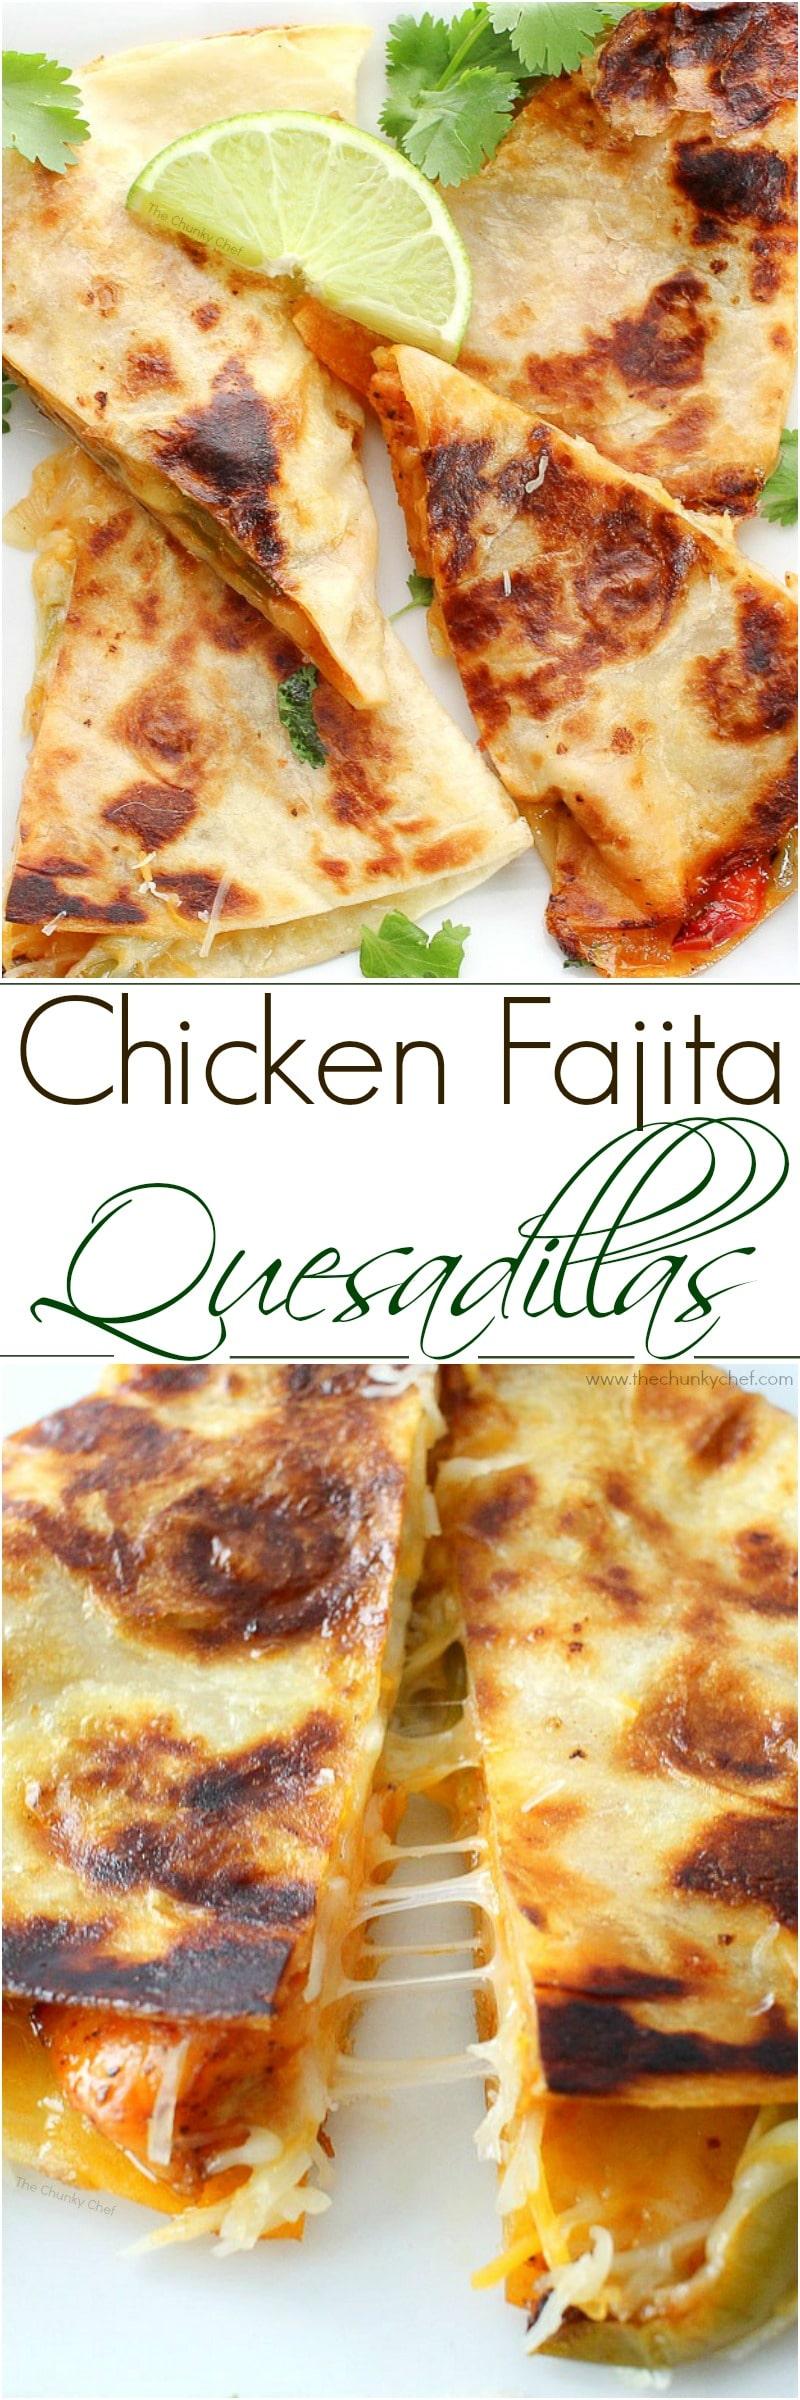 Chicken Fajita Quesadillas - The Chunky Chef